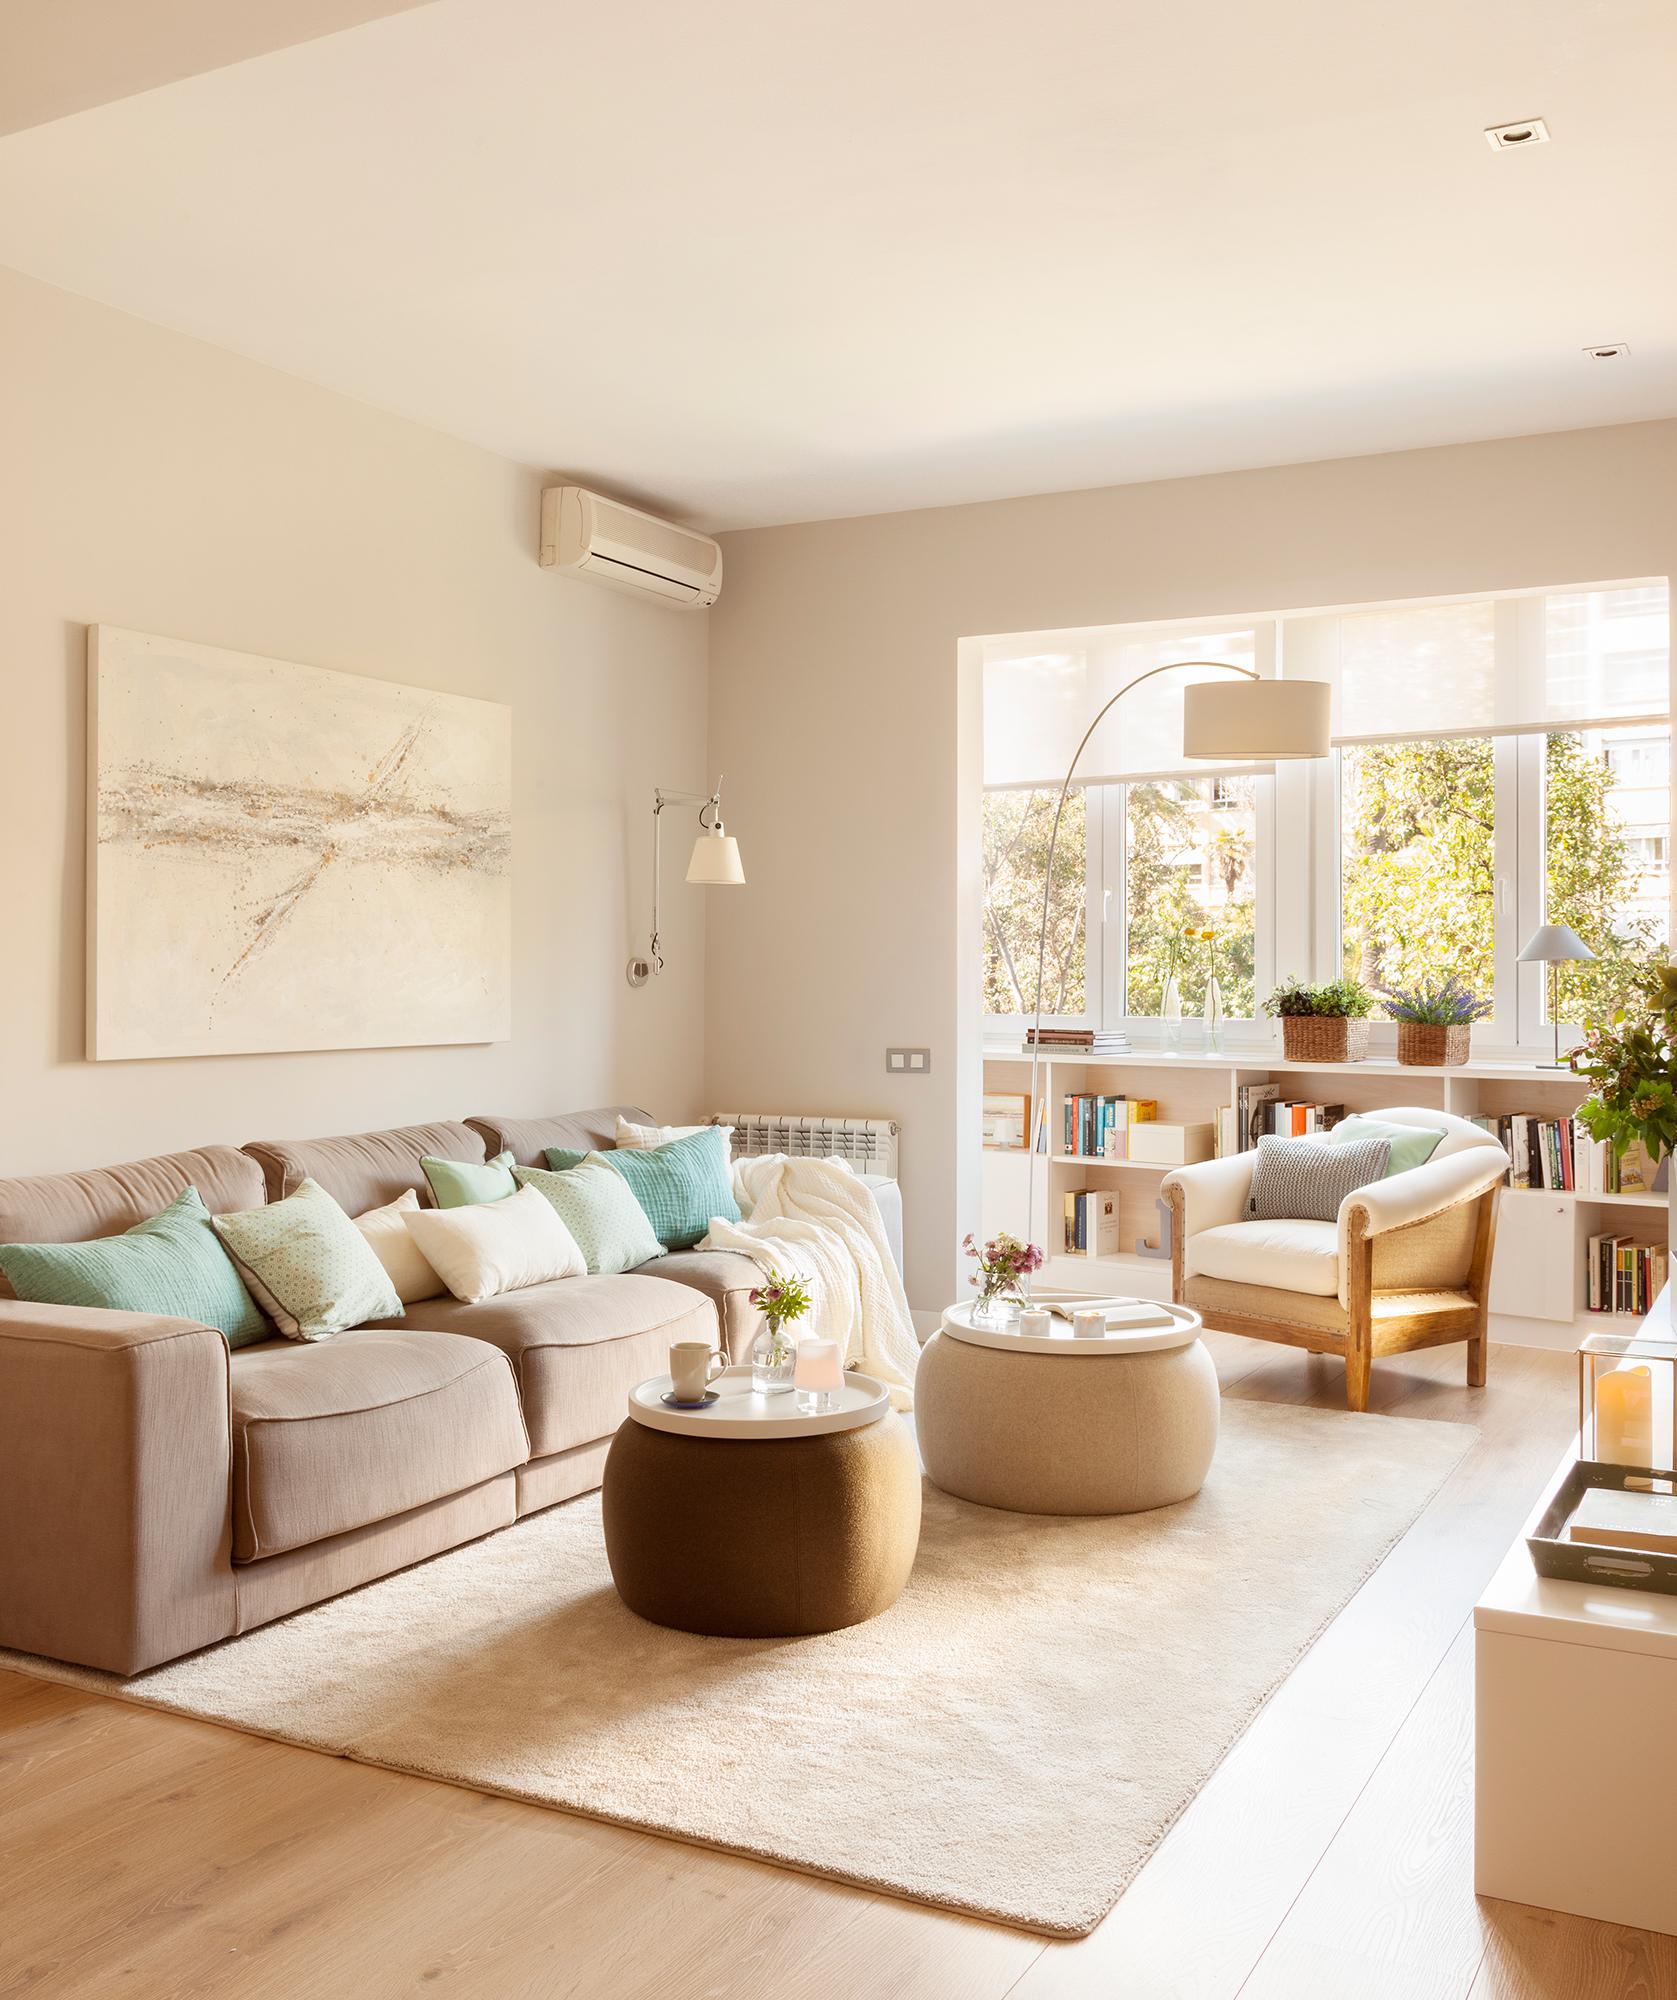 30 salones modernos y acogedores - Fotos decoracion salones modernos ...